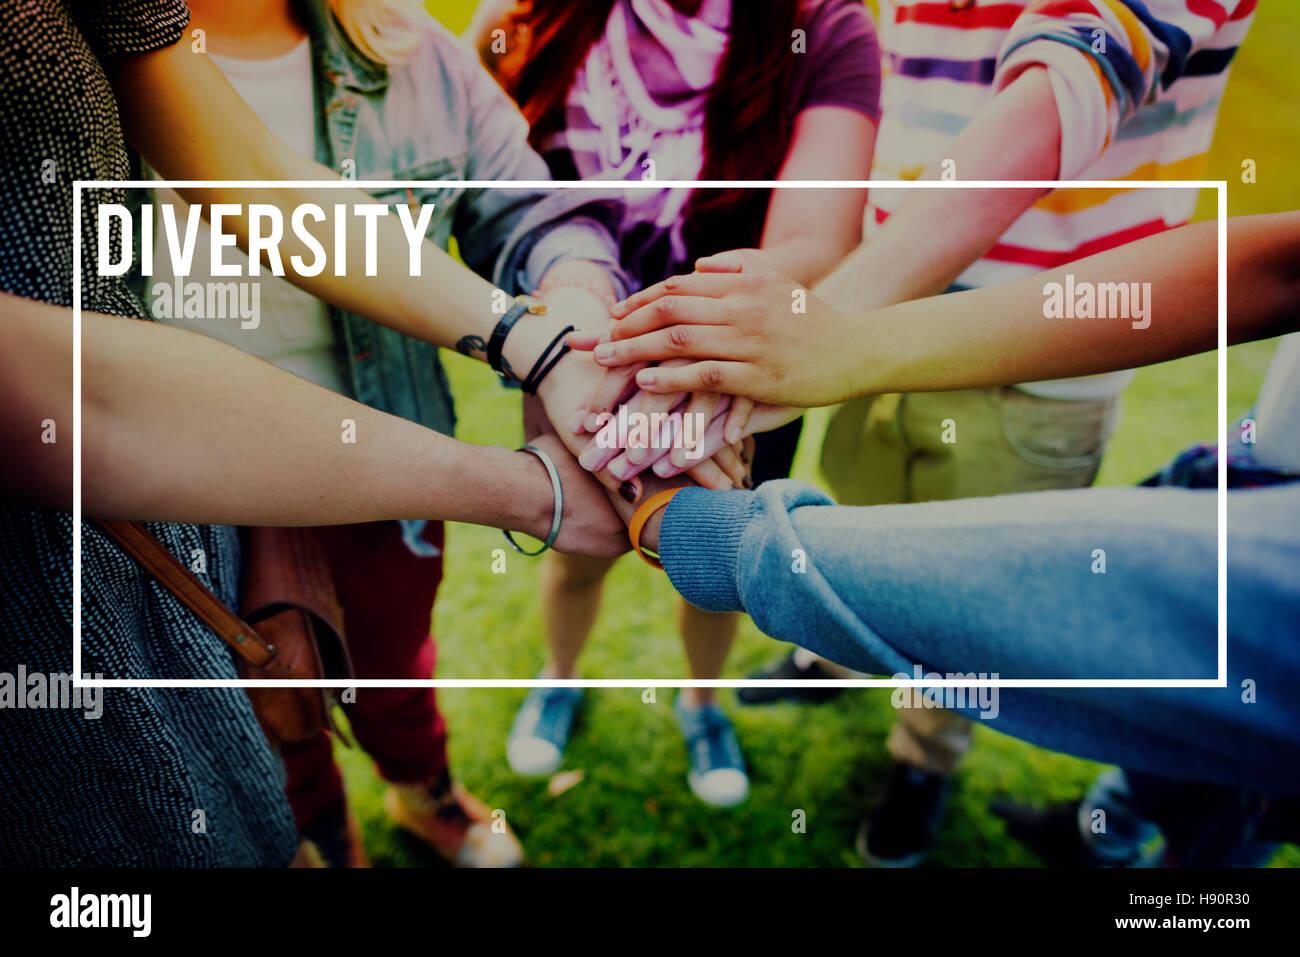 Diversity-Multi-rassischen Gemeinschaft-Menschen-Konzept Stockbild